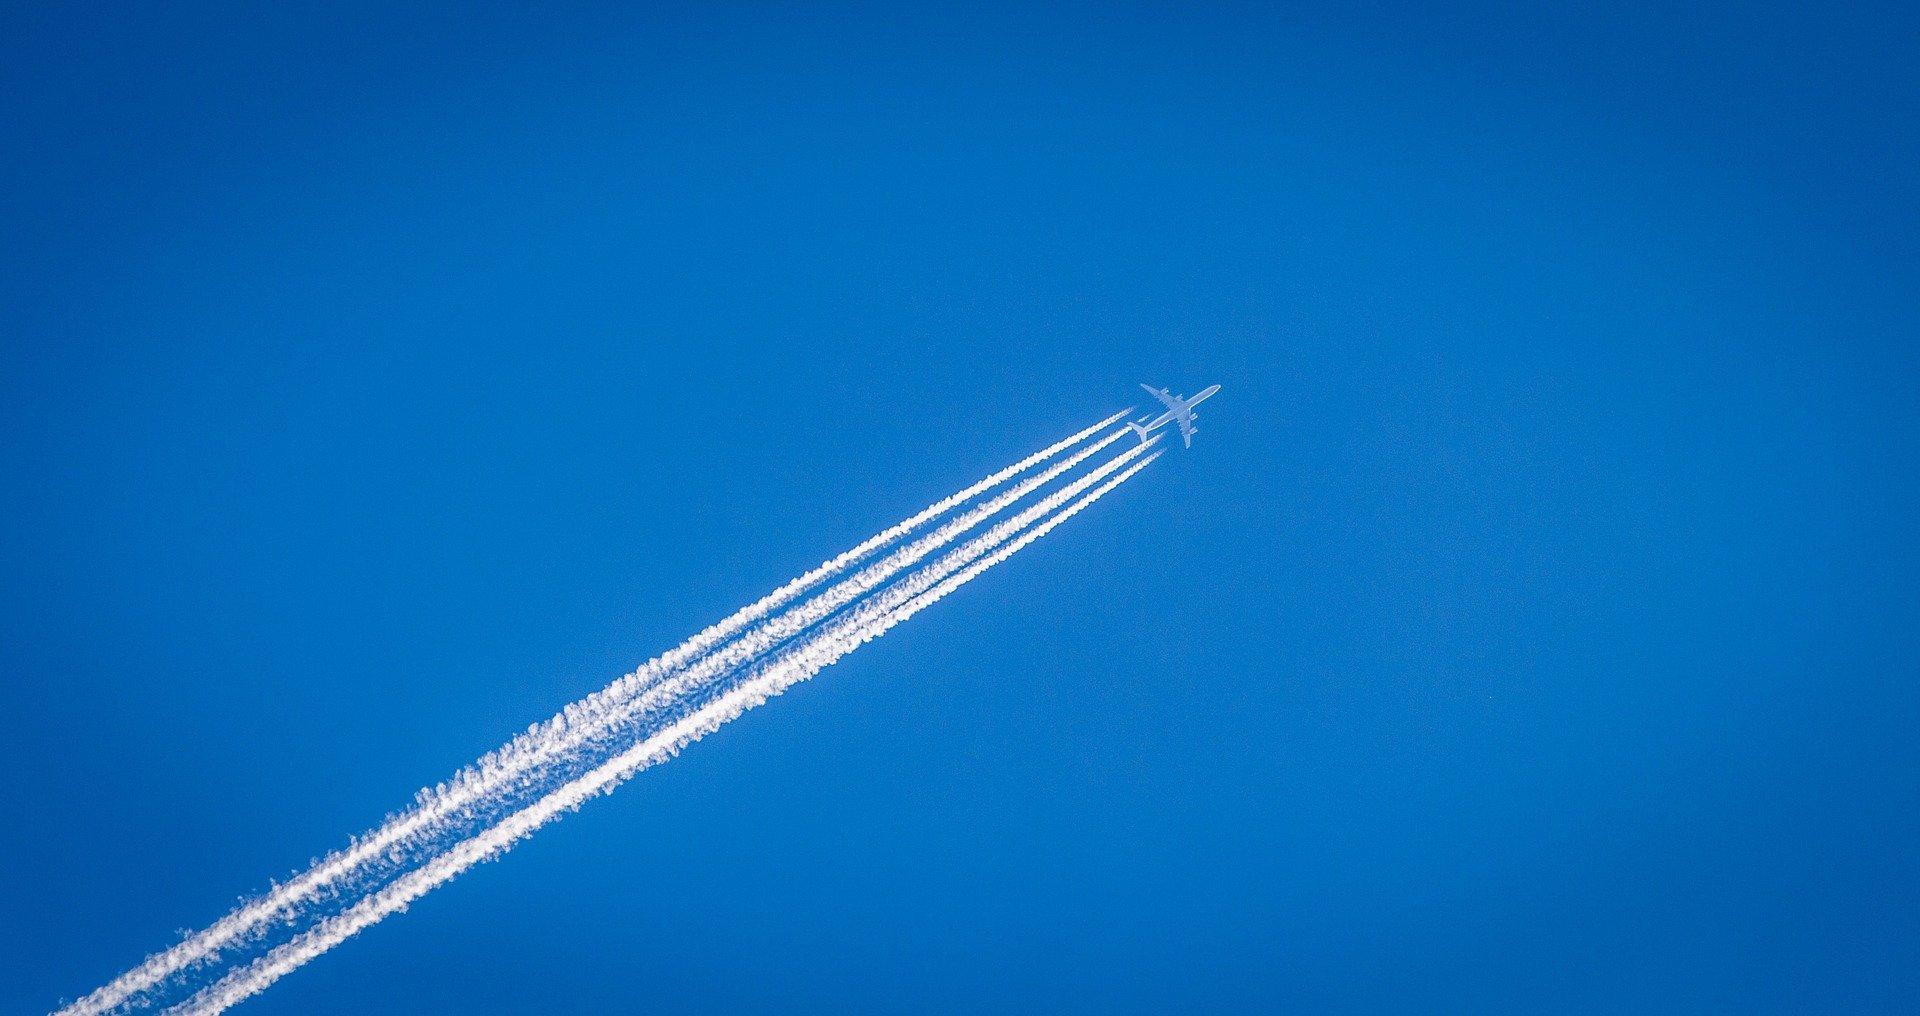 パイロット 航空大学校 空 飛行機